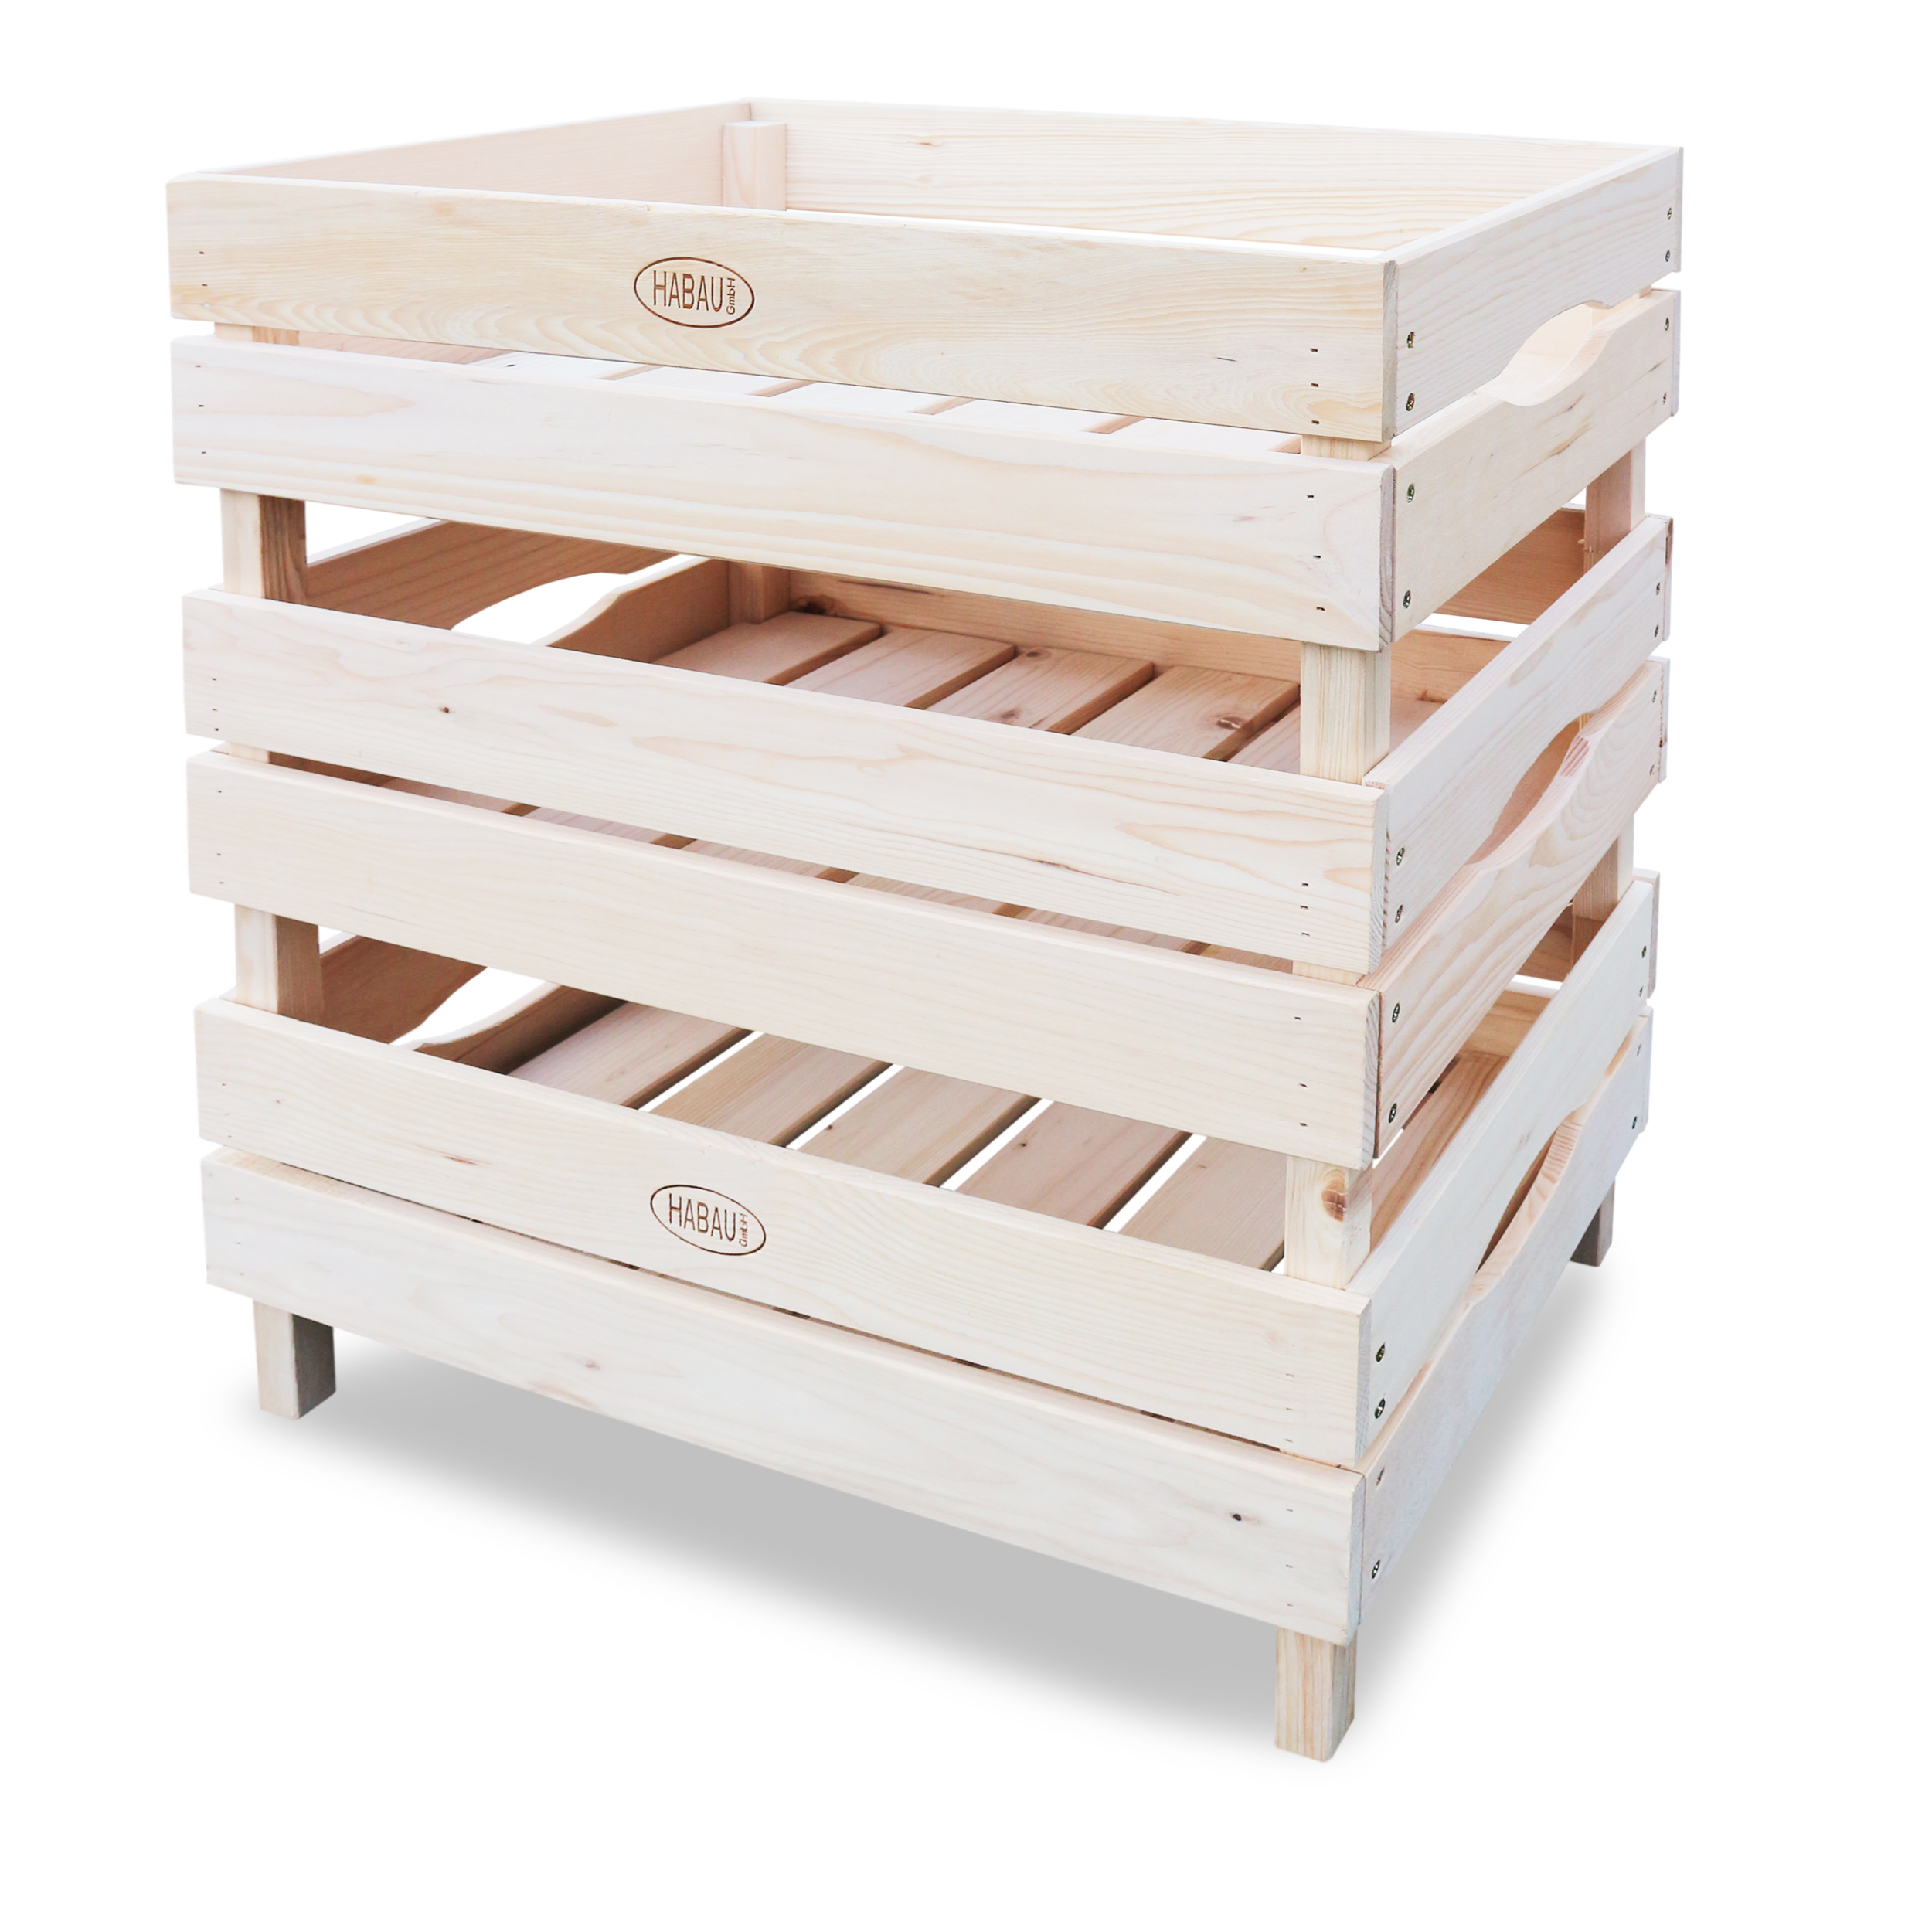 HABAU Holzkiste für Obst und Gemüse im 3er Set, gestapelt